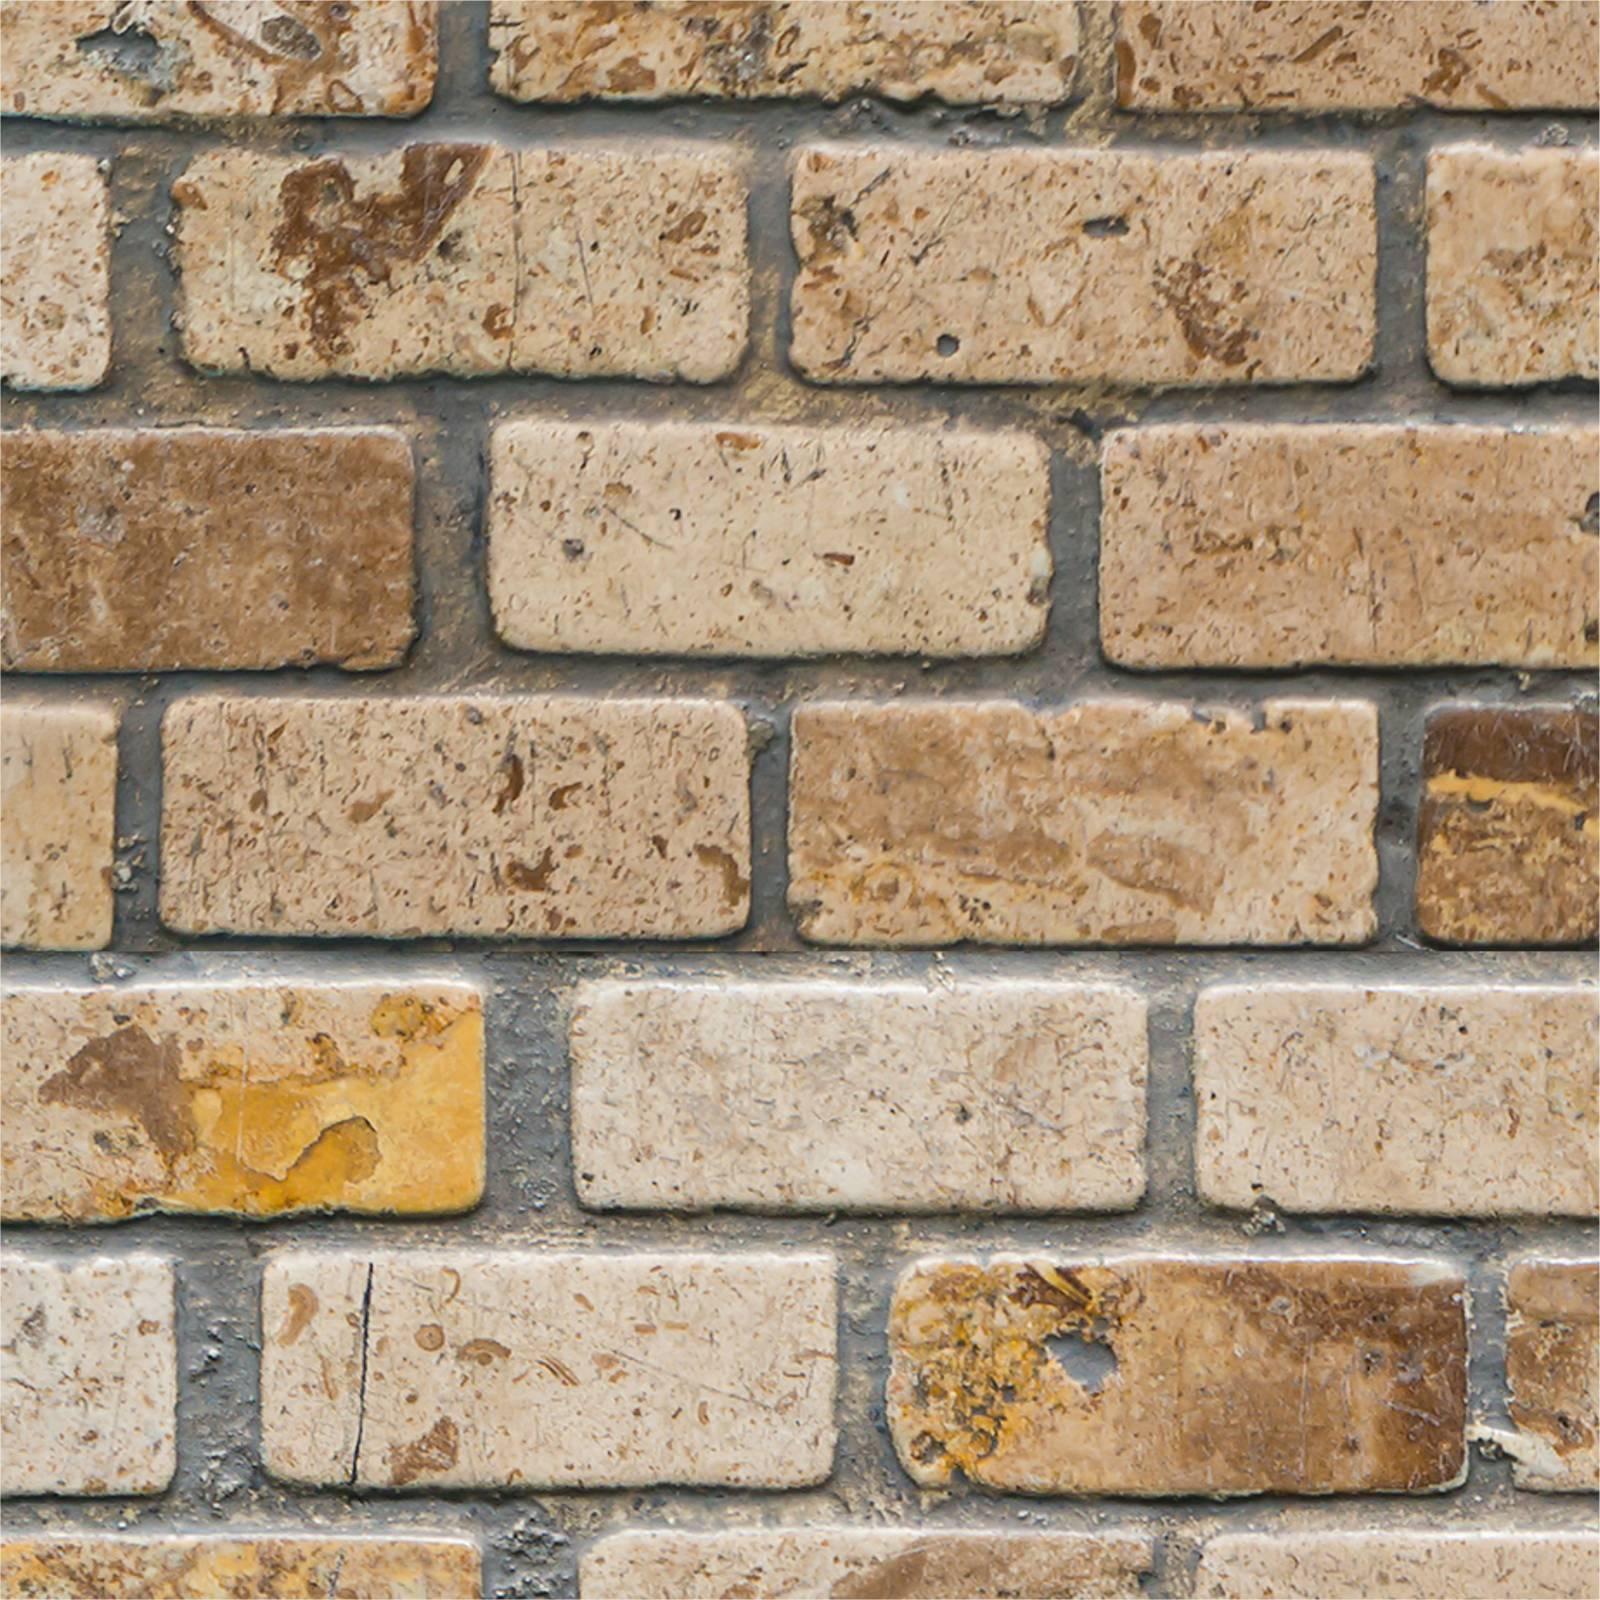 Papel de Parede Tijolo lavável vinílico - PPI0001  - Papel de parede - G3decora